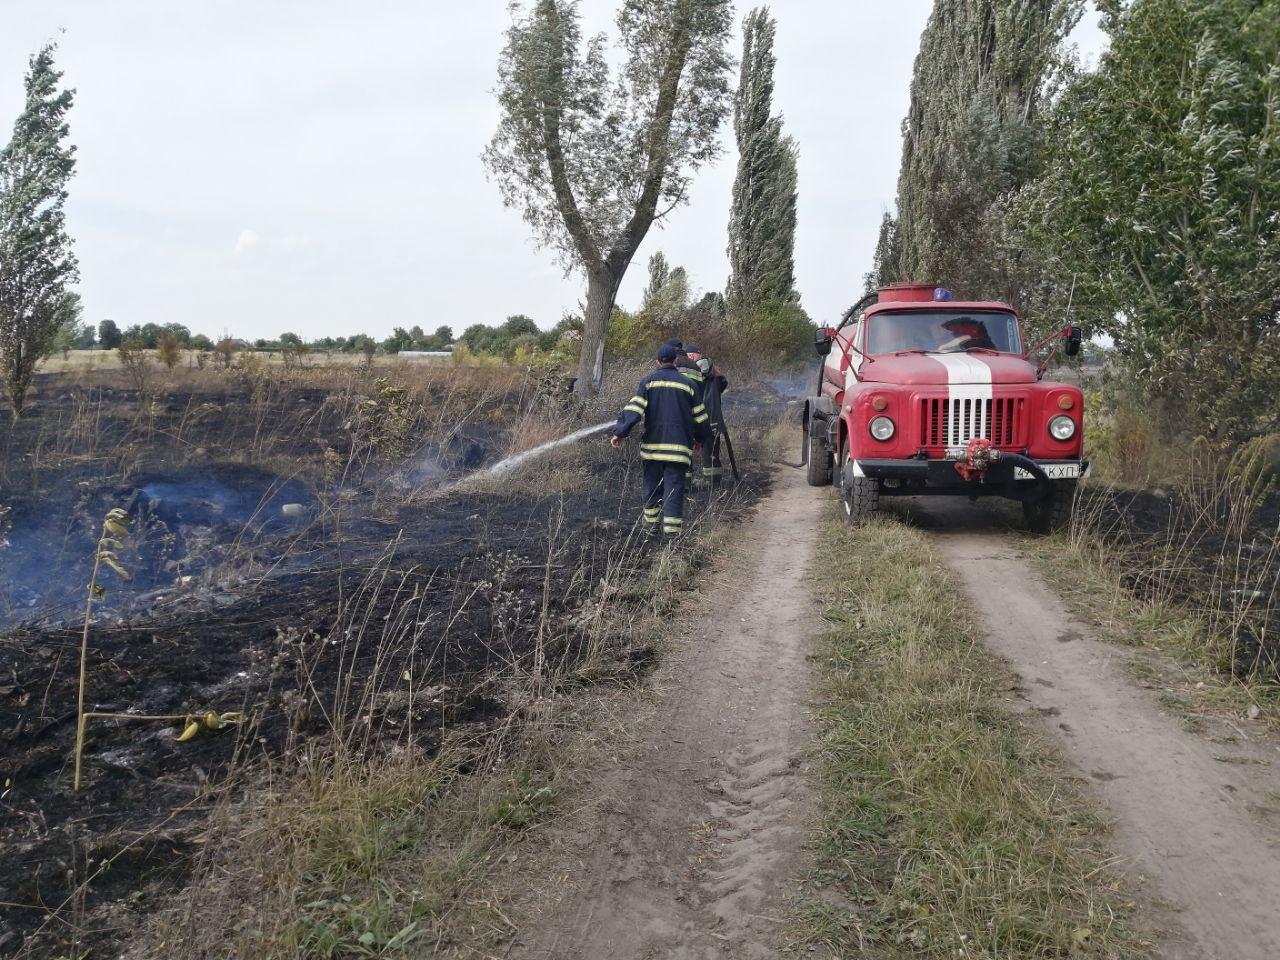 На Бориспільщині горять поля, будинки та дерева - трава, ГУ ДСНС у Київськійобласті, вогонь - photo 2020 09 18 08 59 58